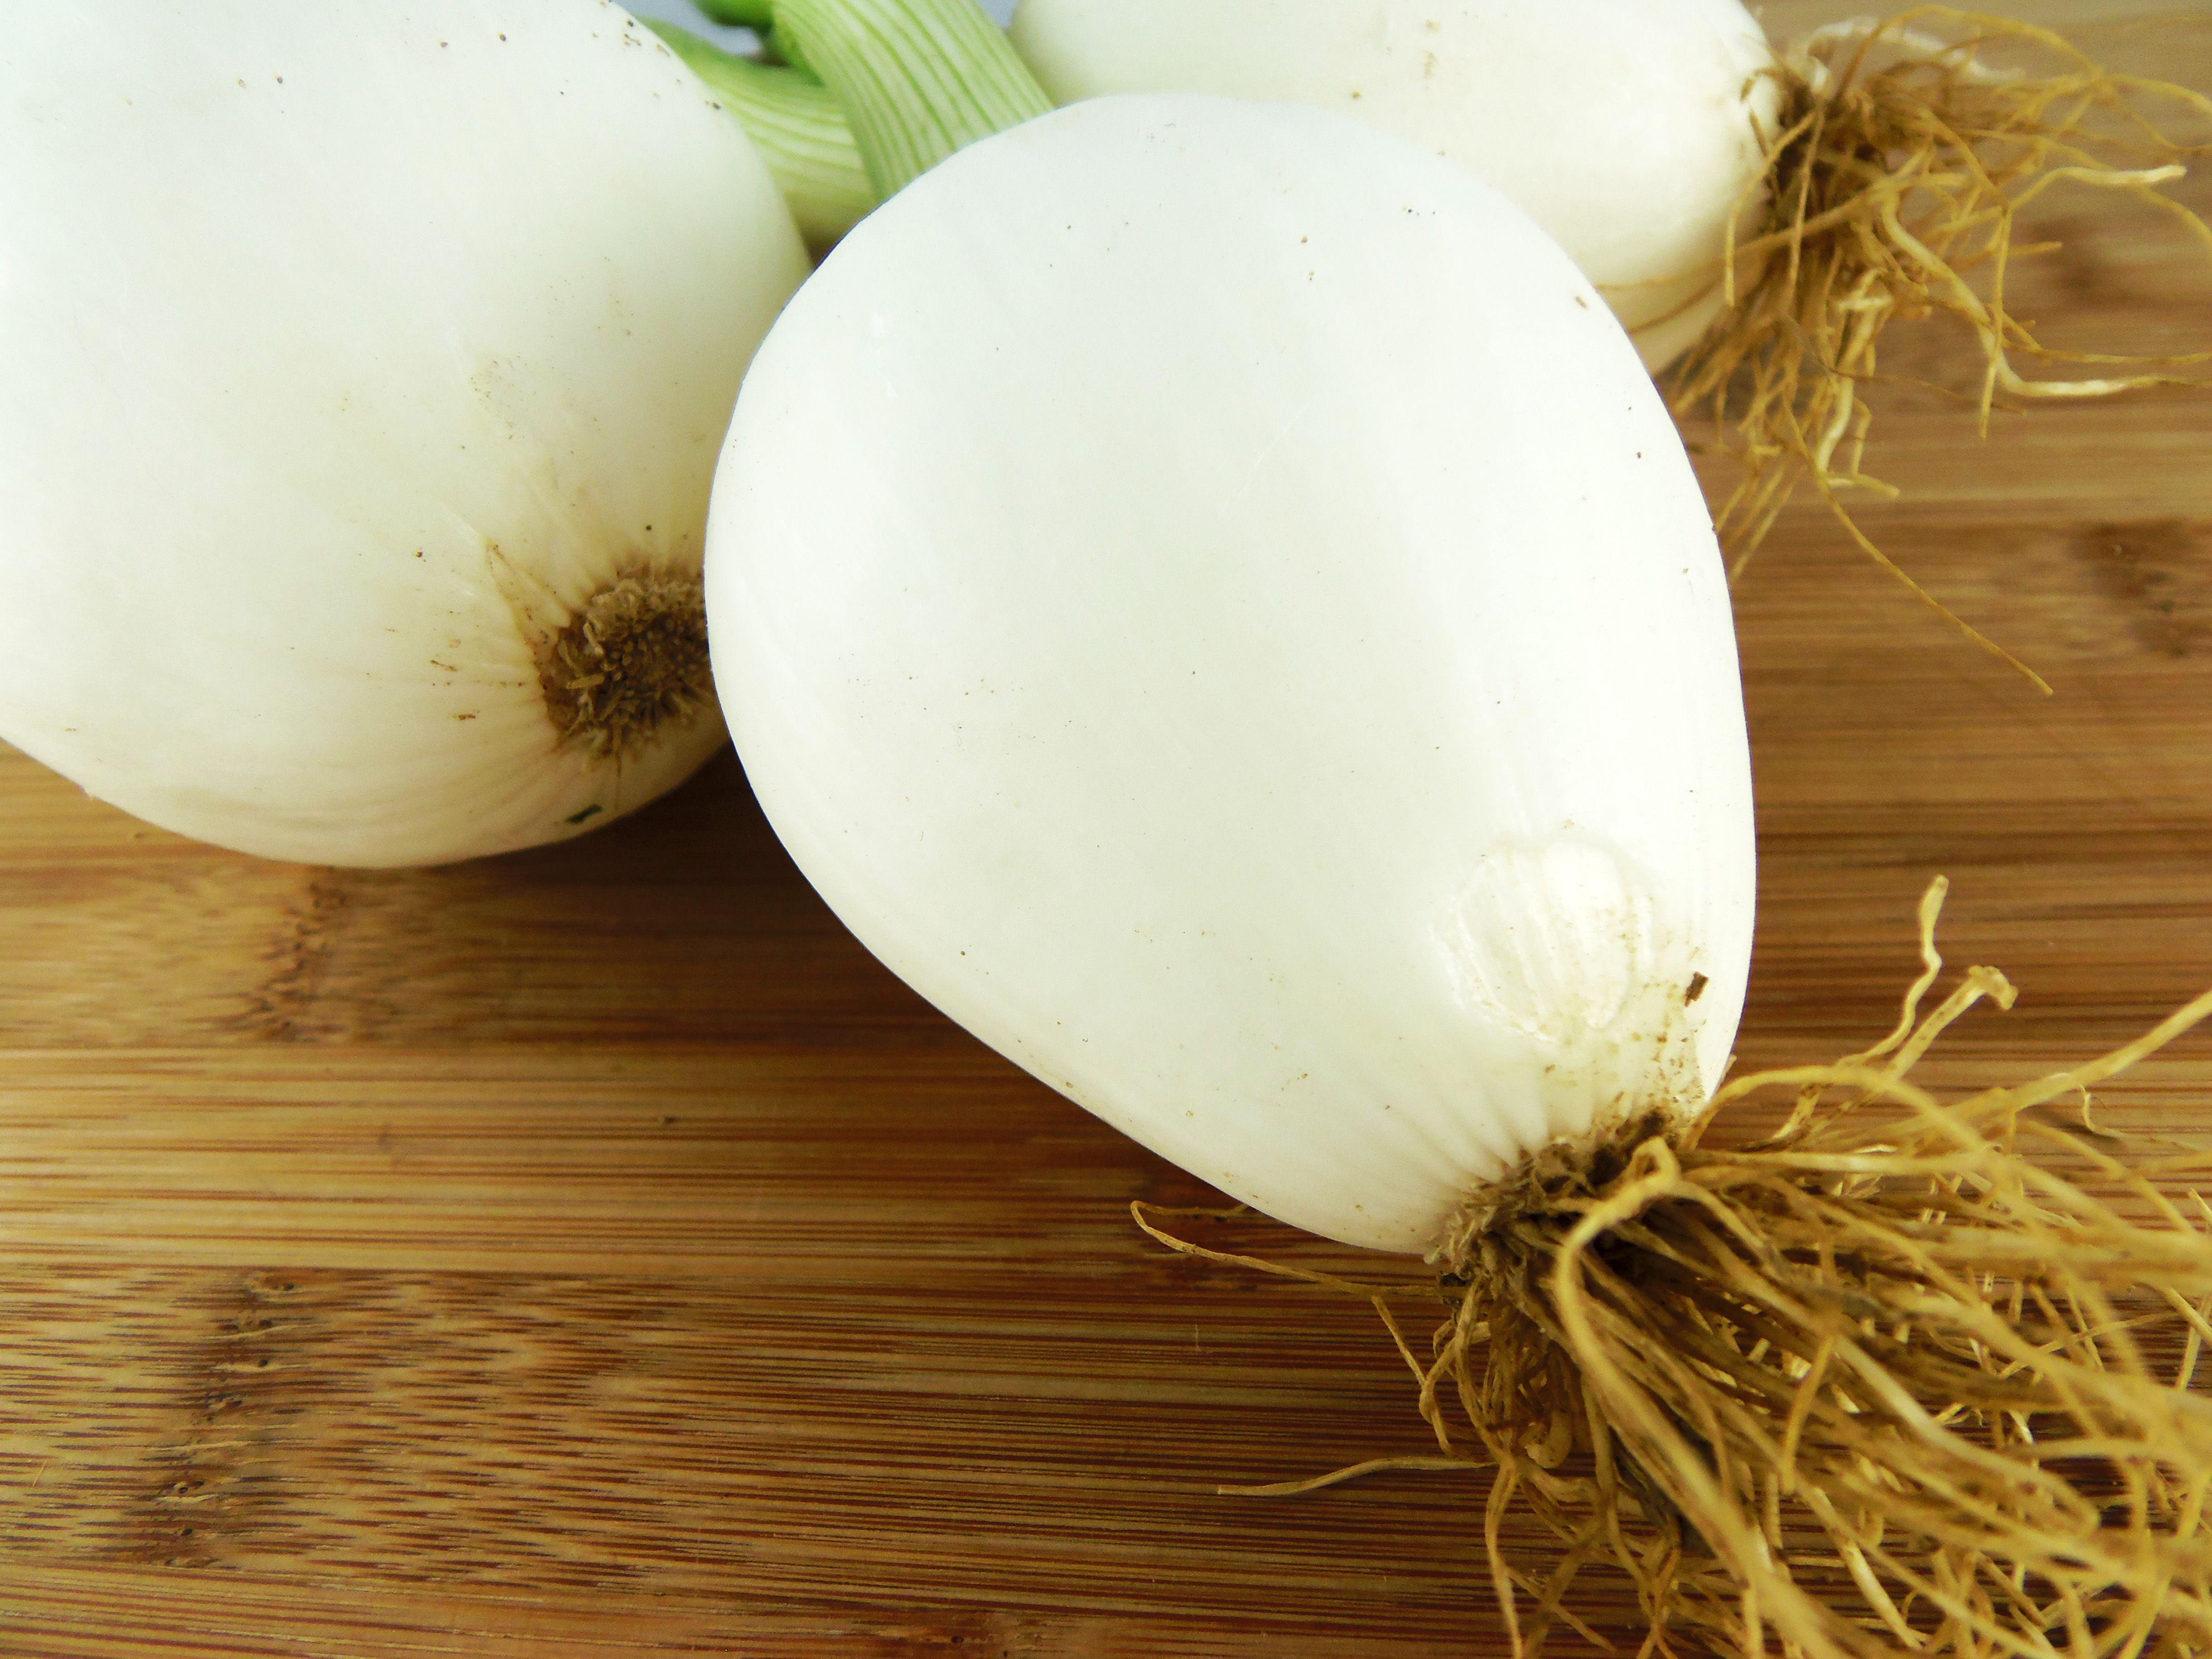 onions on cutting board